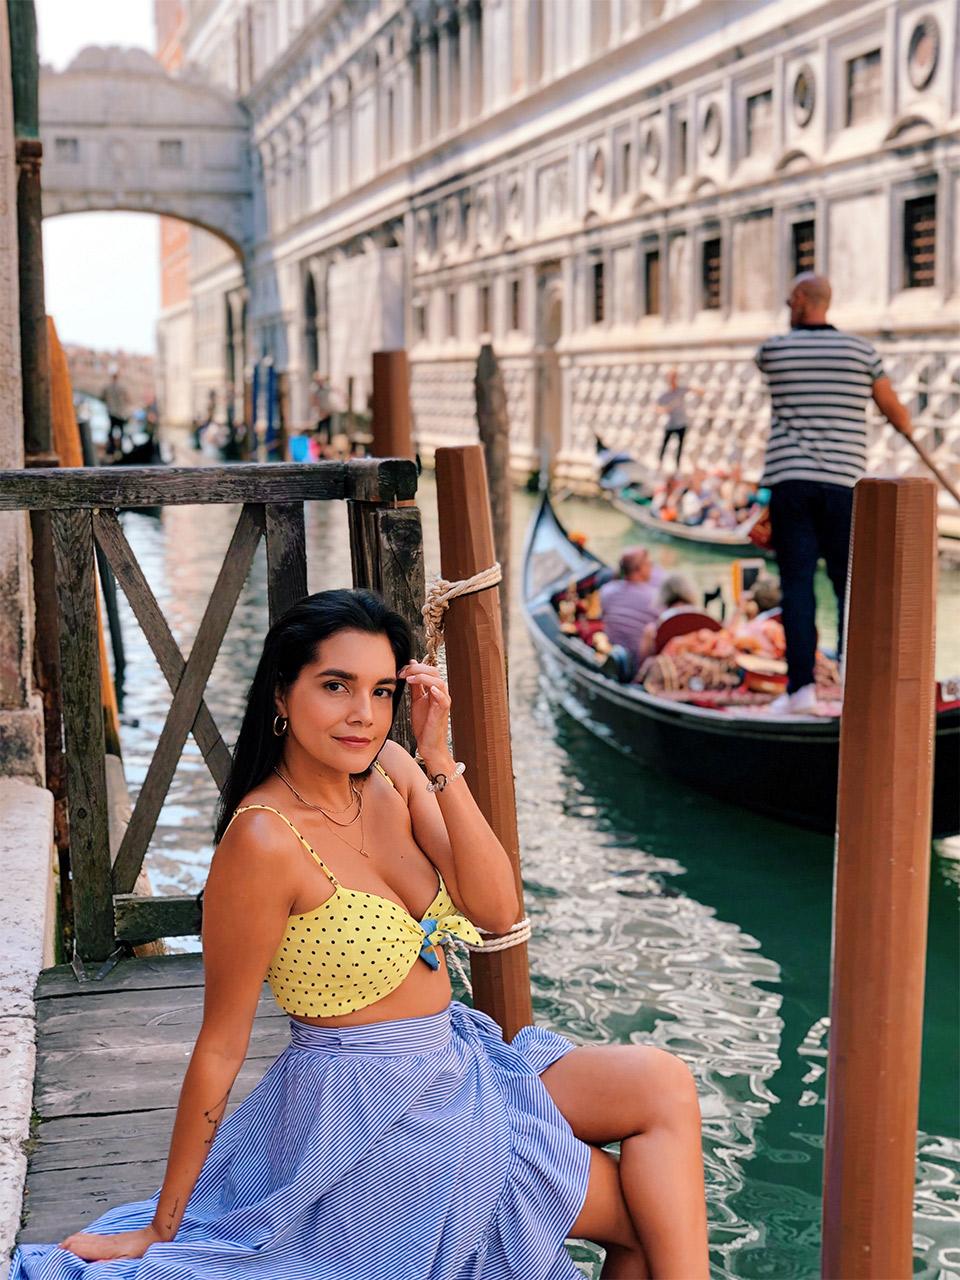 Ideas-de-fotos-en-Venecia,-que-ver-en-Venecia,-3-dias-en-Venecia